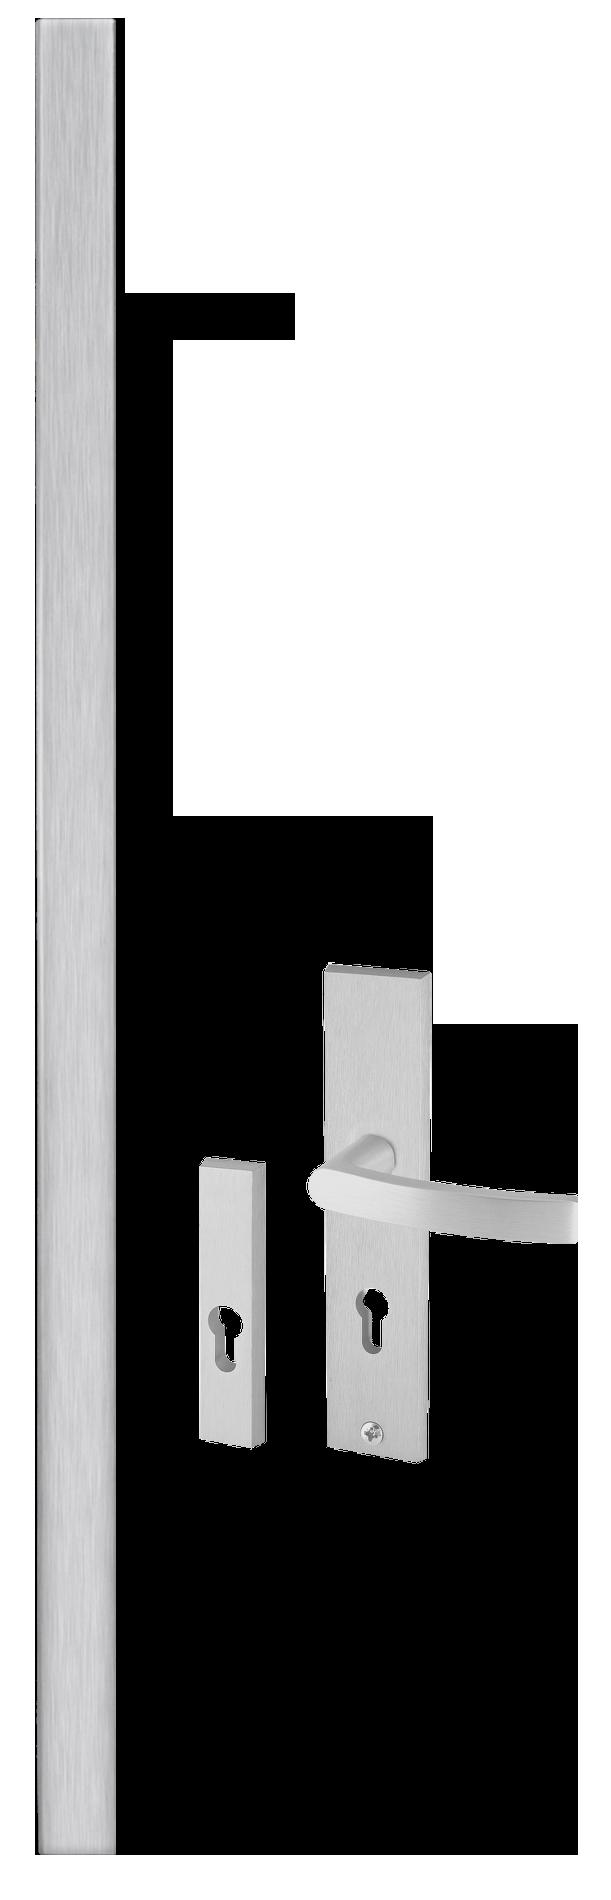 Kování AXA ARCO madlo, klika a rozety pro vchodové dveøe